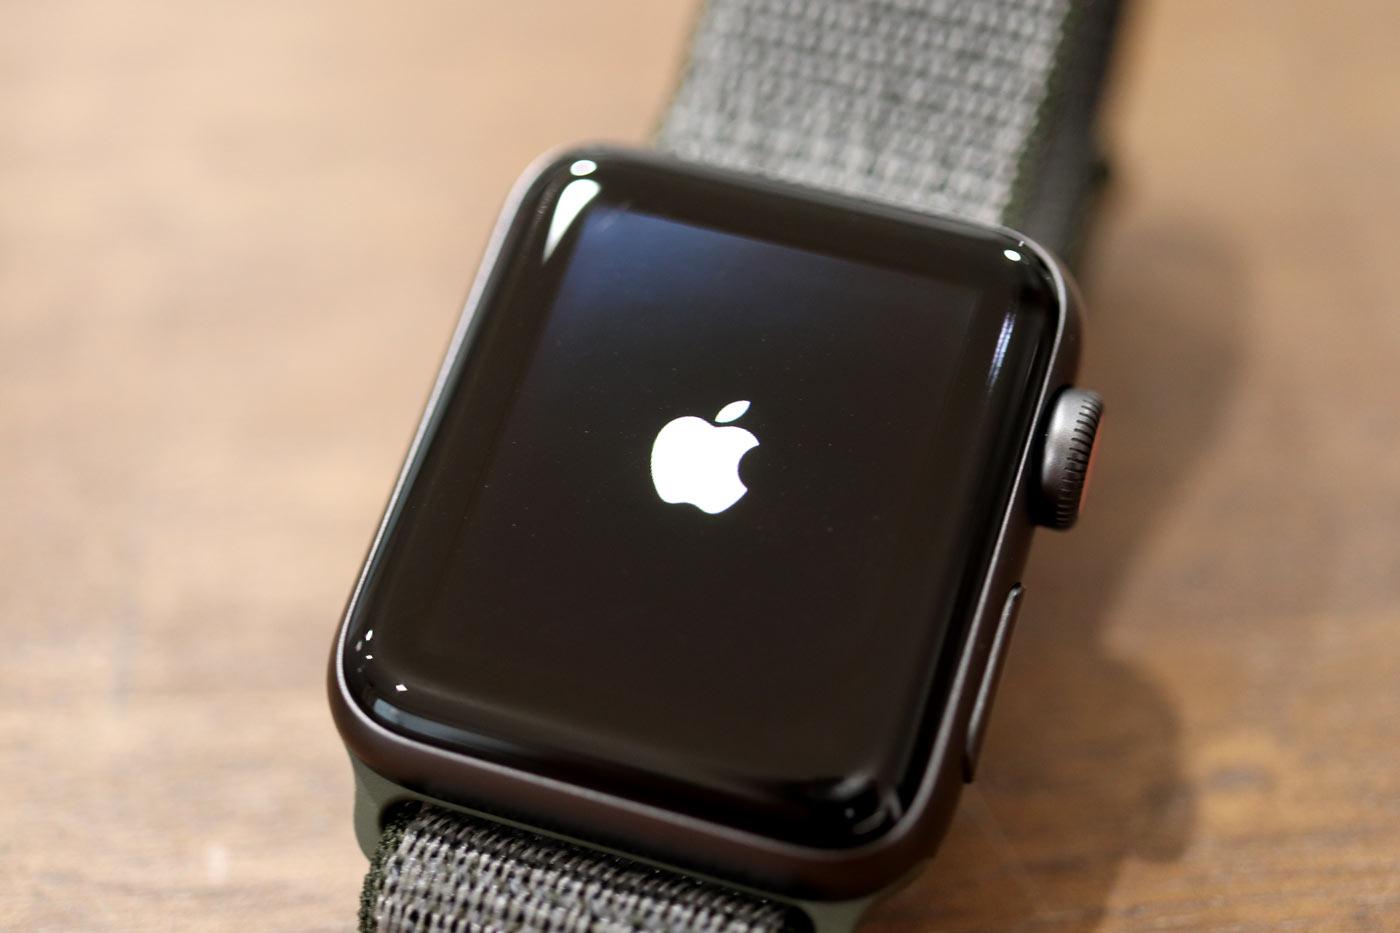 Appleのロゴマーク